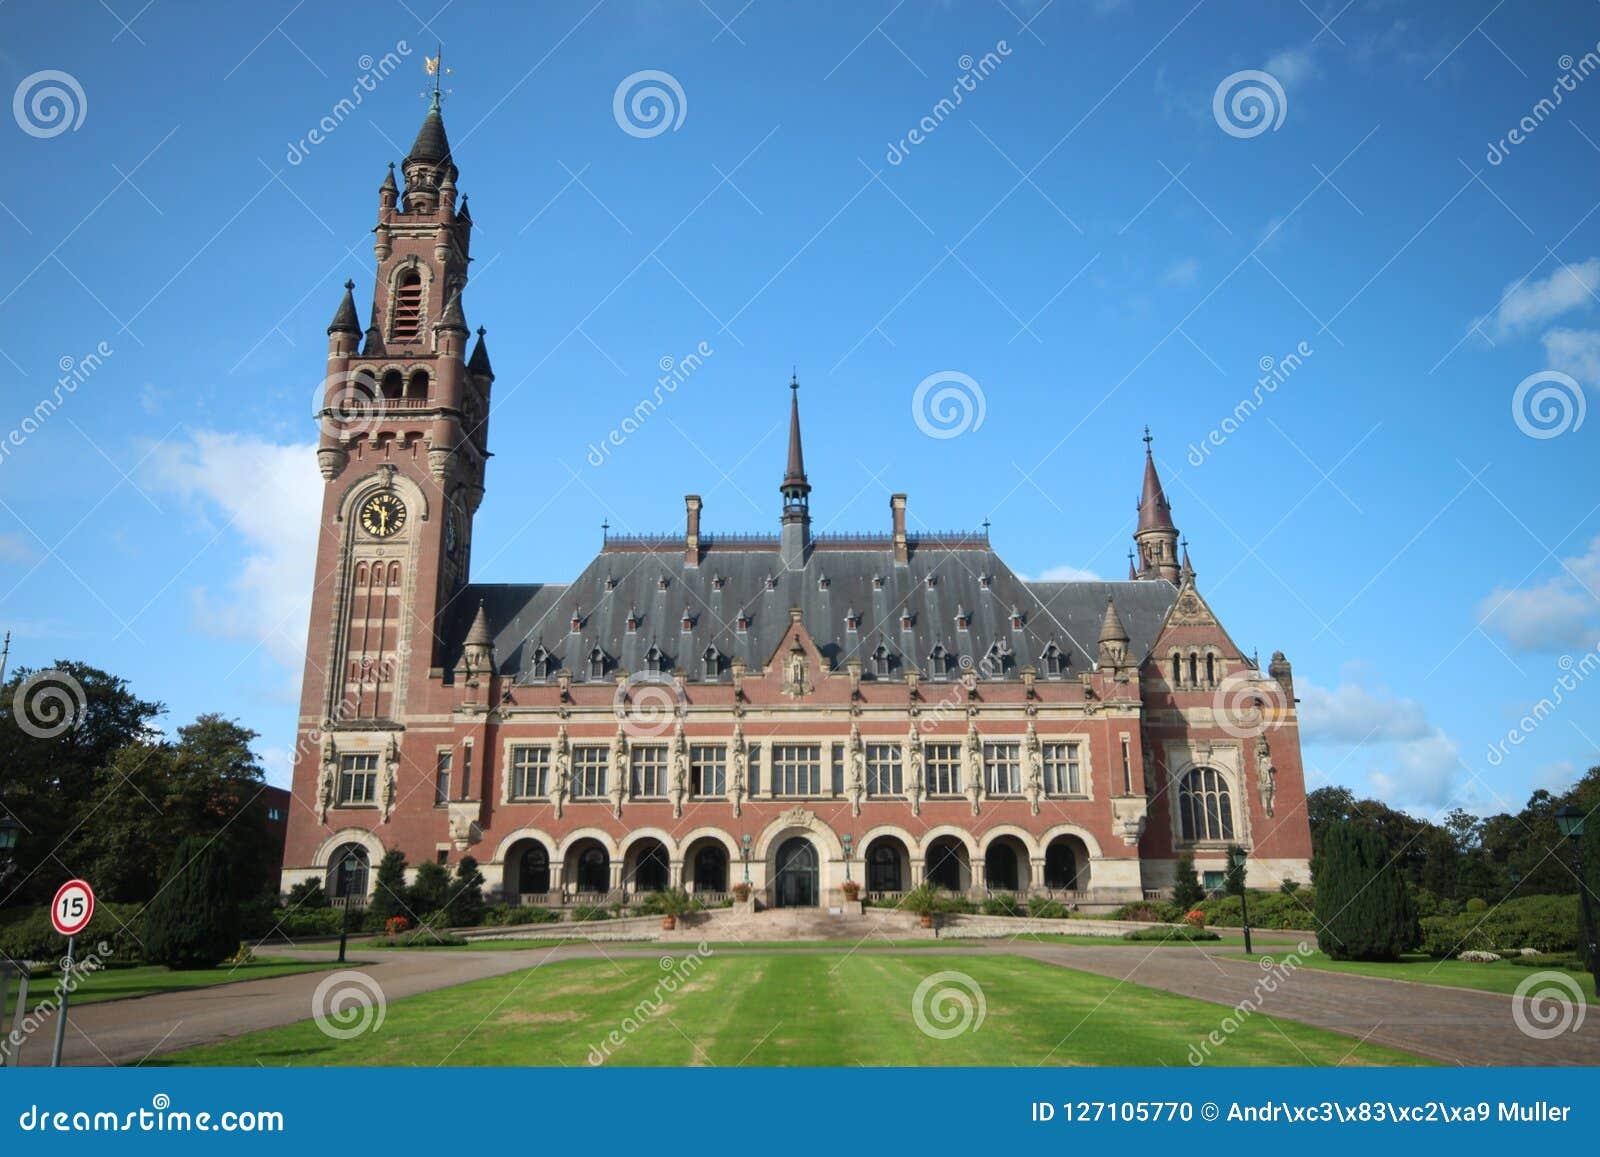 Παλάτι ειρήνης στη Χάγη, σπίτι του Διεθνούς Δικαστηρίου Ηνωμένων Εθνών και του μόνιμου δικαστηρίου της διαιτησίας